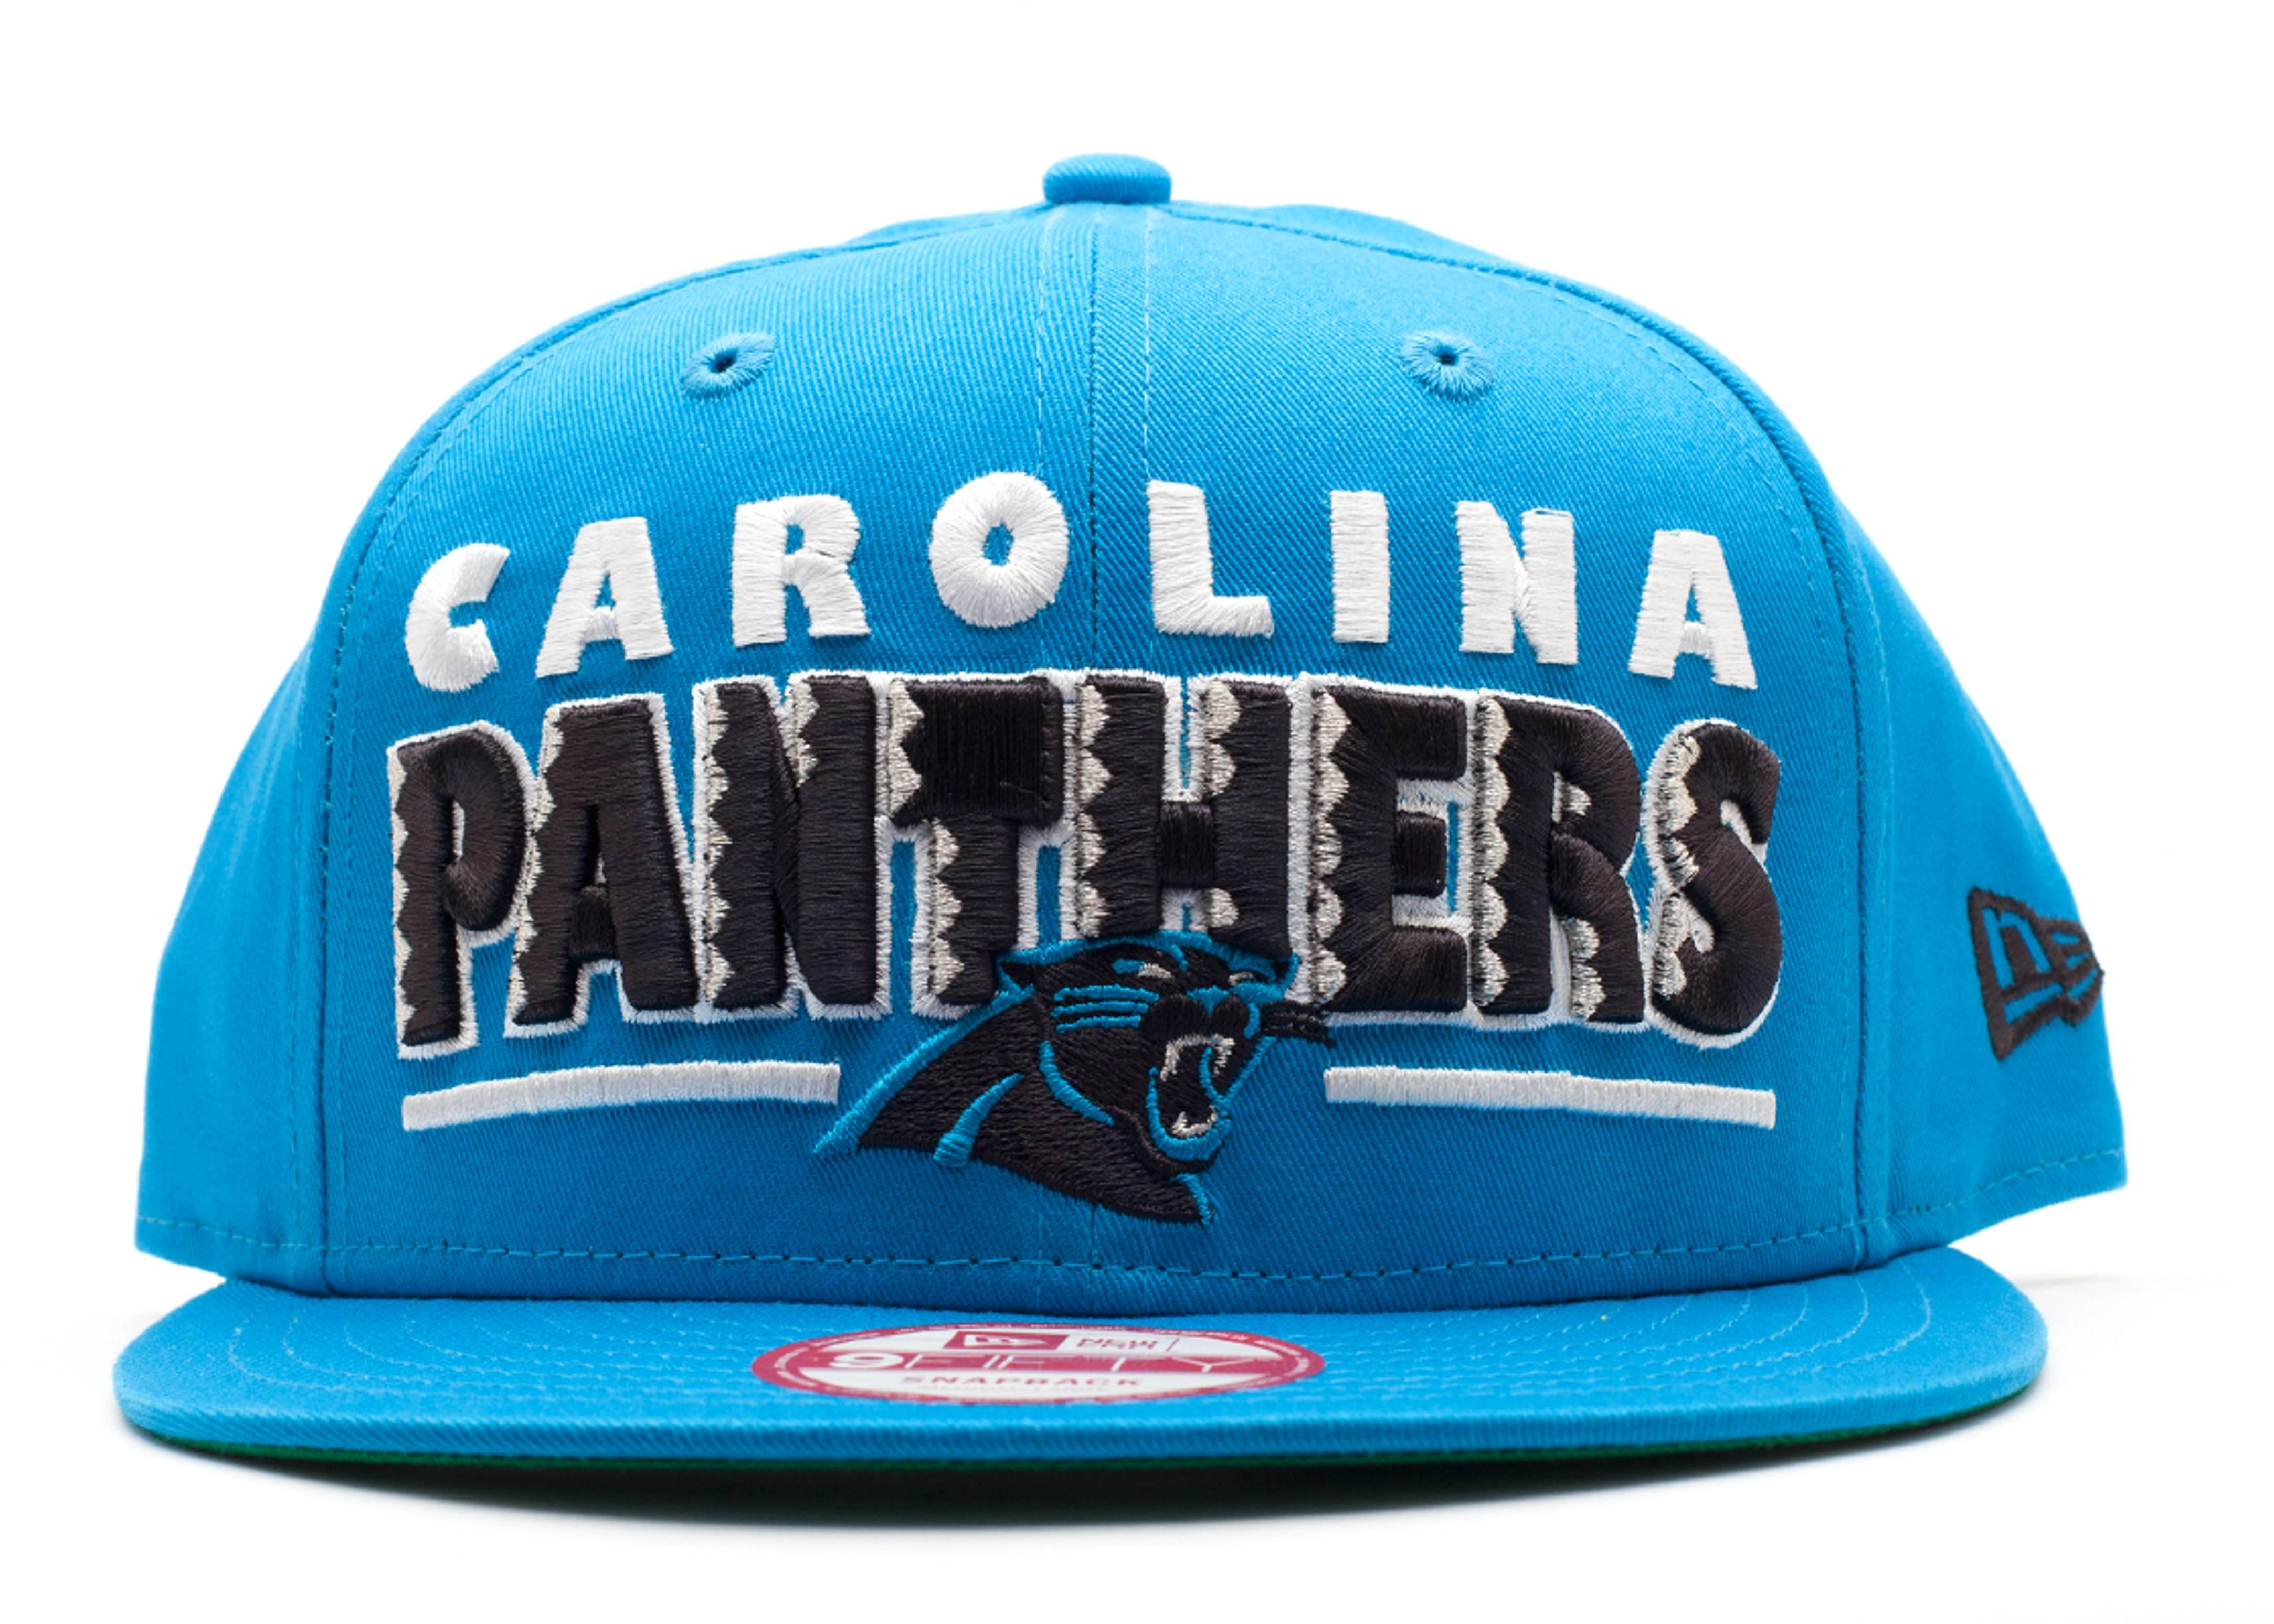 carolina panthers snap-back